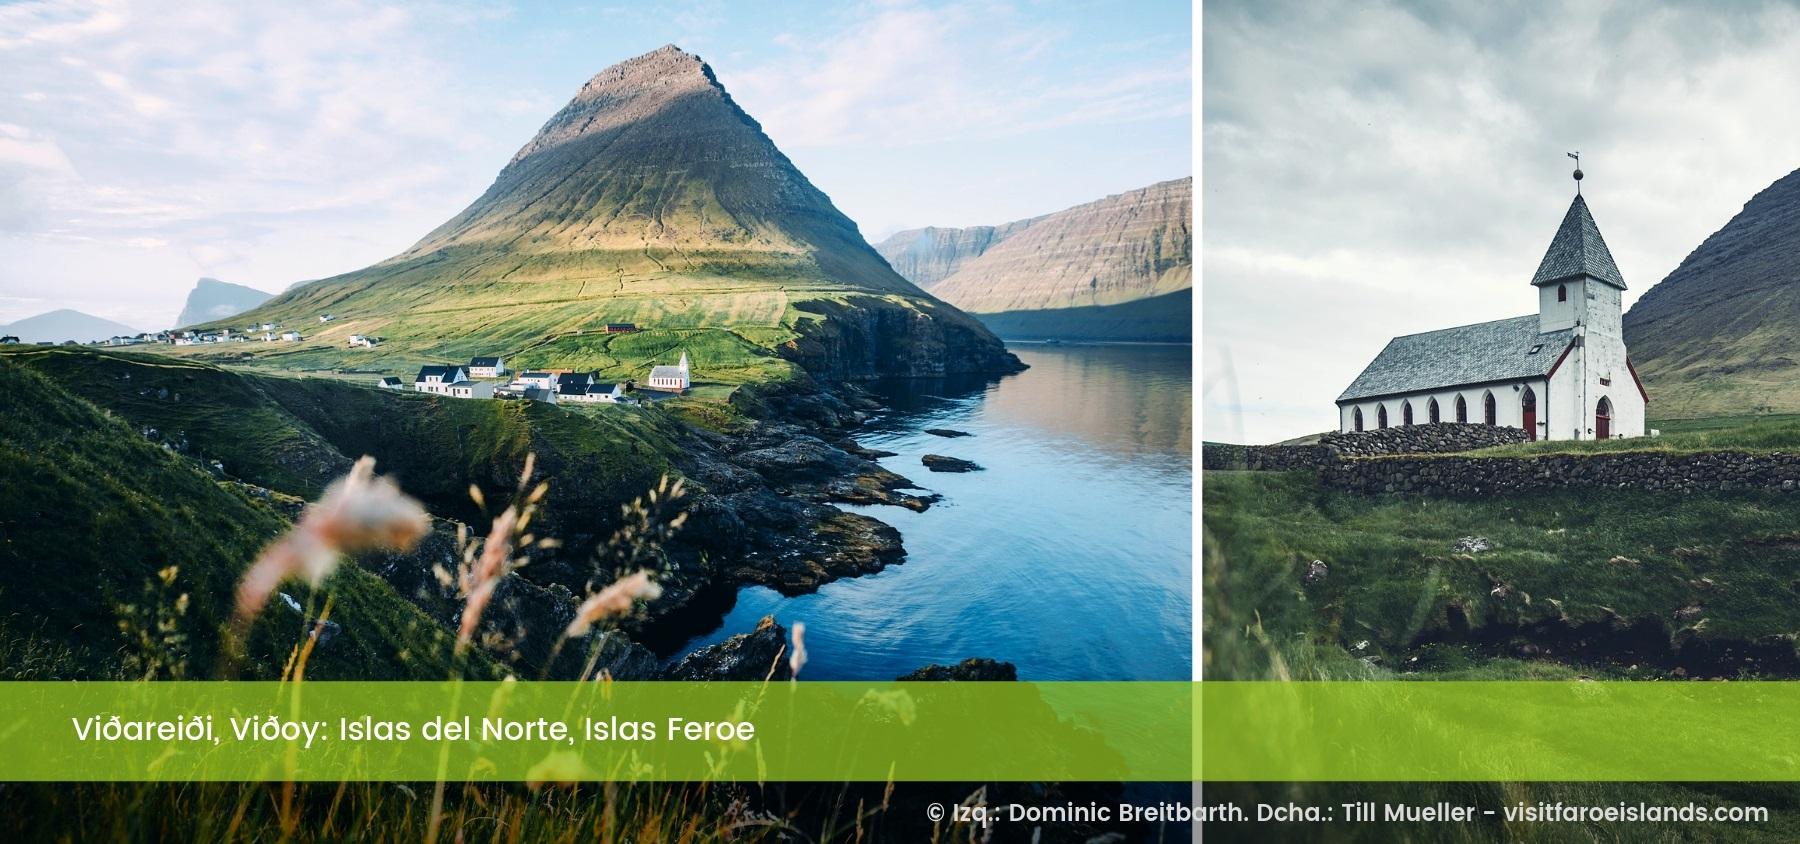 Viðareiði, Viðoy. Islas del Norte, Islas Feroe